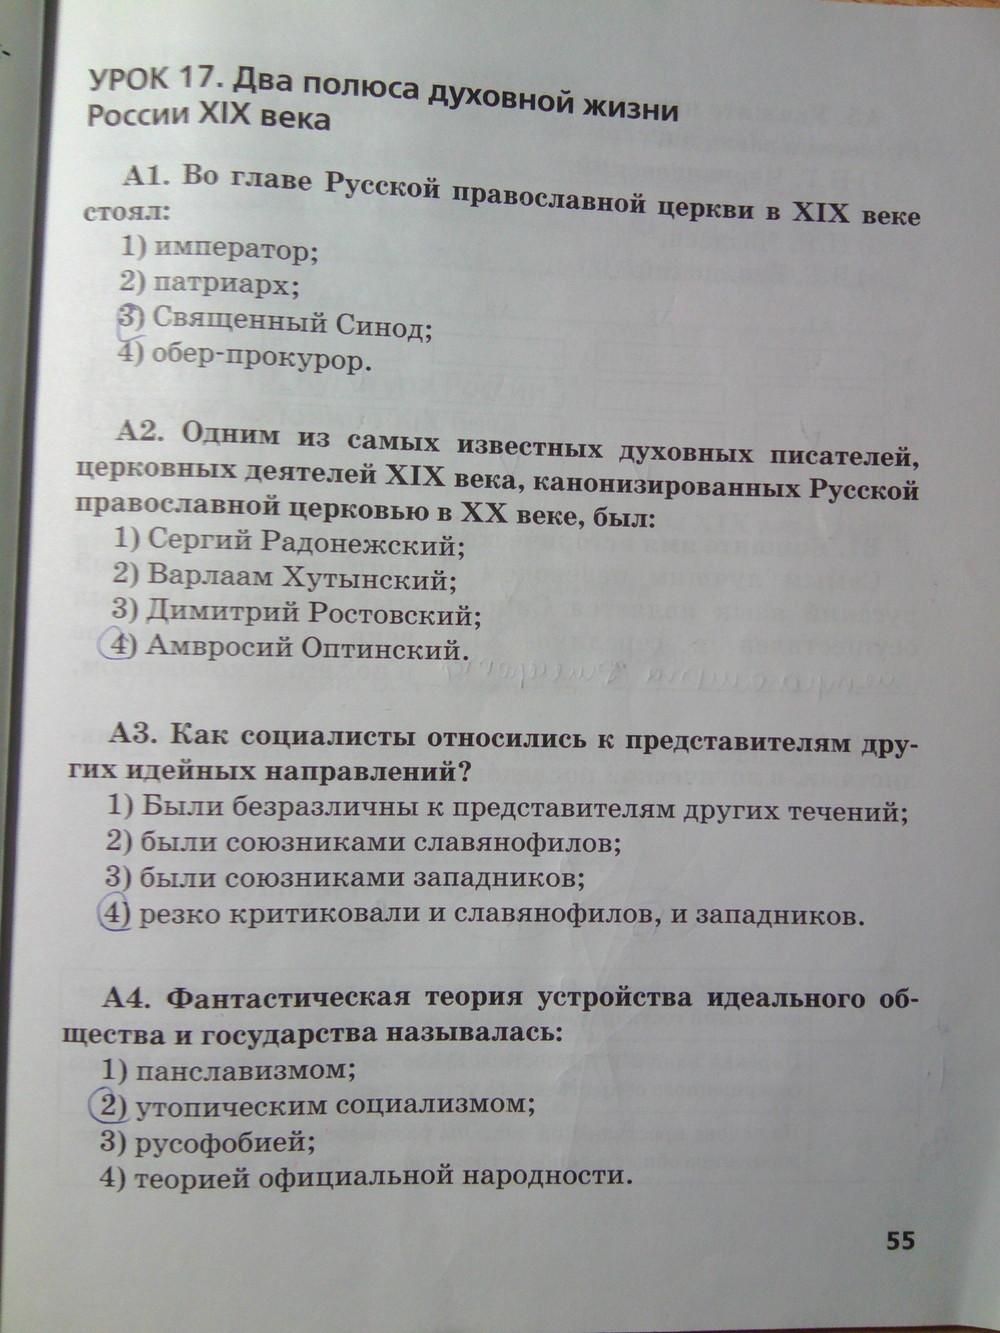 Гдз за 8 класс история россии боханов